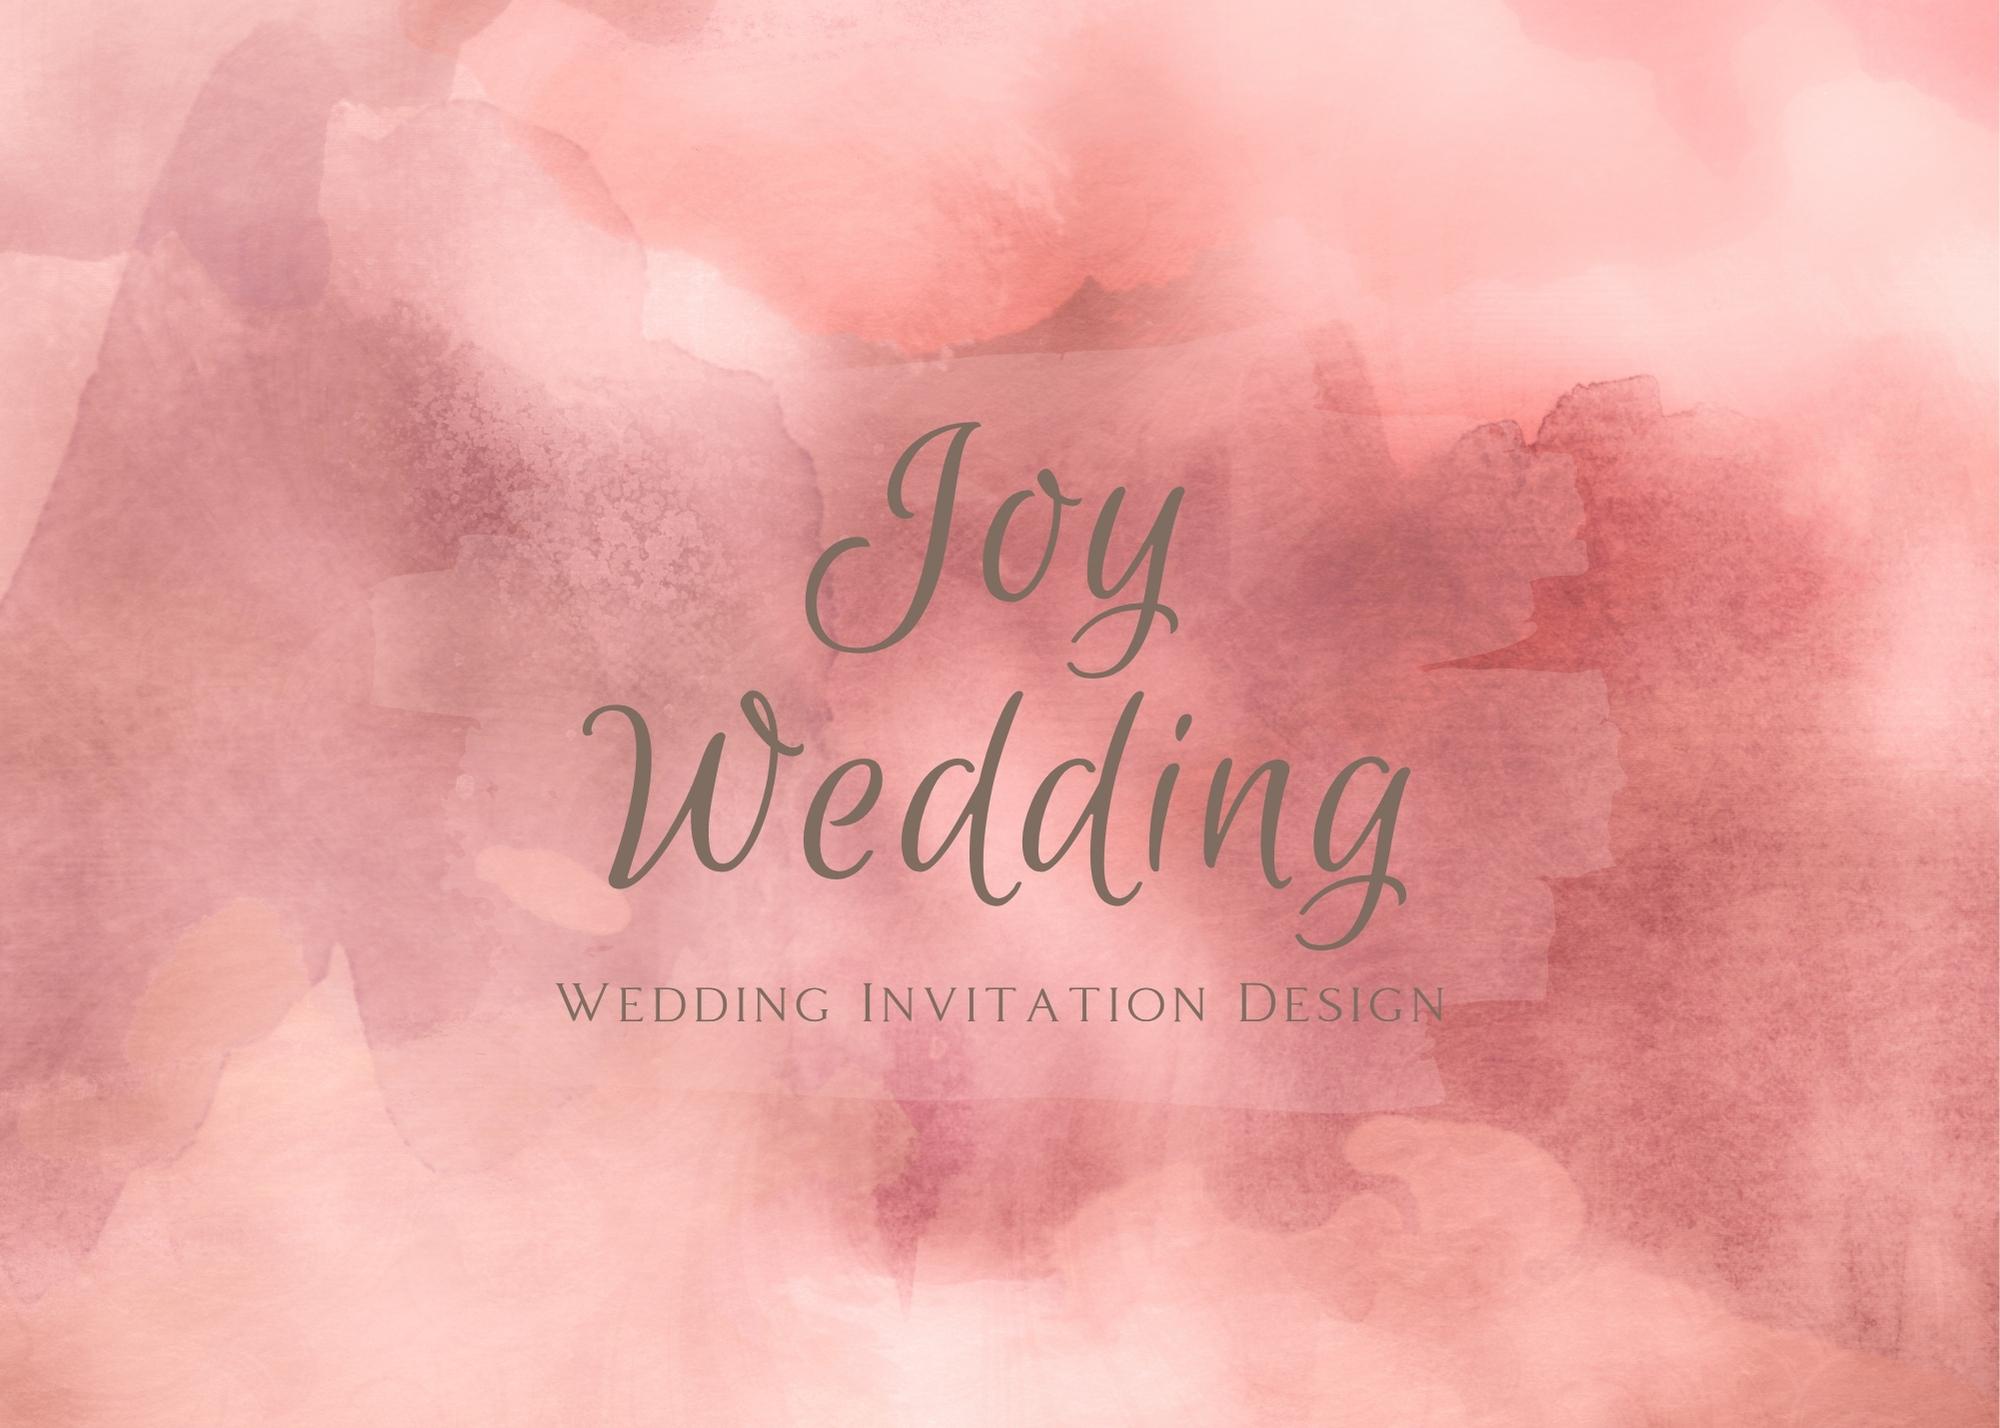 דוגמא של רקע הזמנה לחתונה